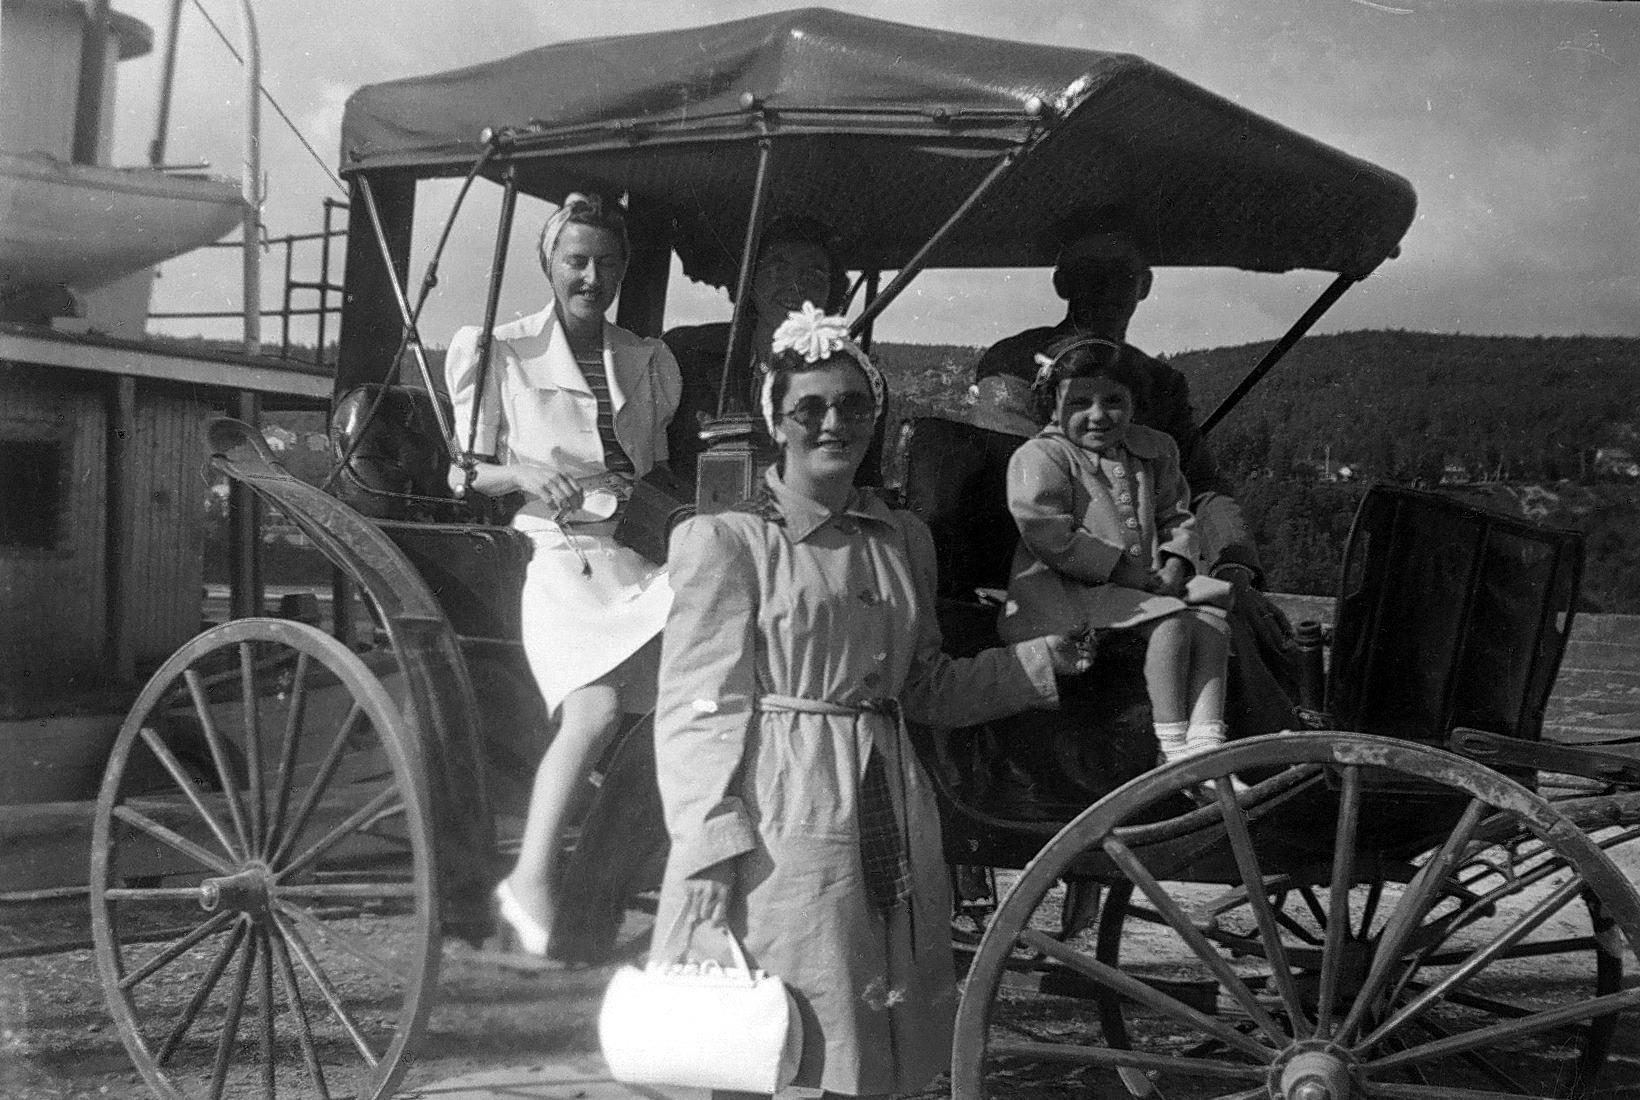 Des voyageurs s'apprêtent à voyager dans une voiture de promenade hippomobile, au bord d'un quai.